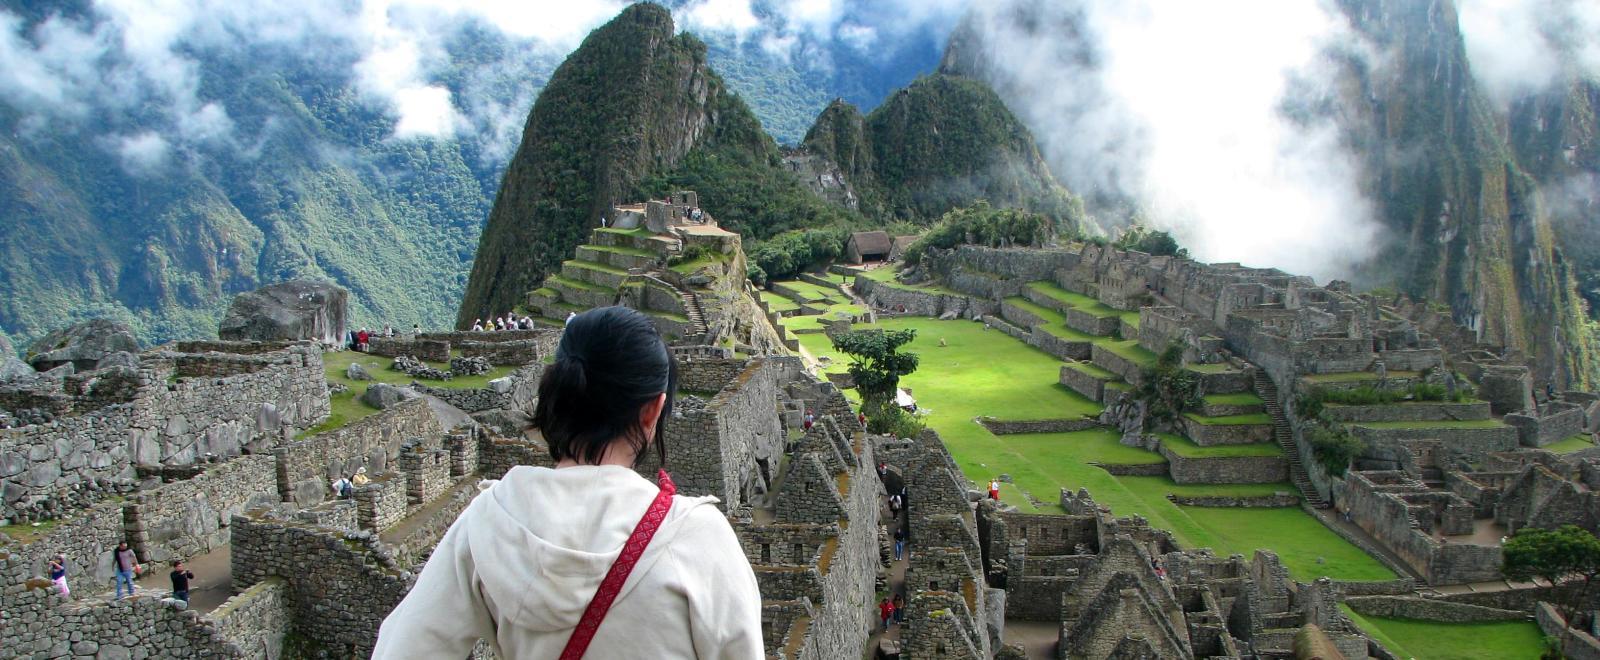 Une voyageuse observe le Machu Picchu lors de son voyage de découverte au Pérou avec Projects Abroad.